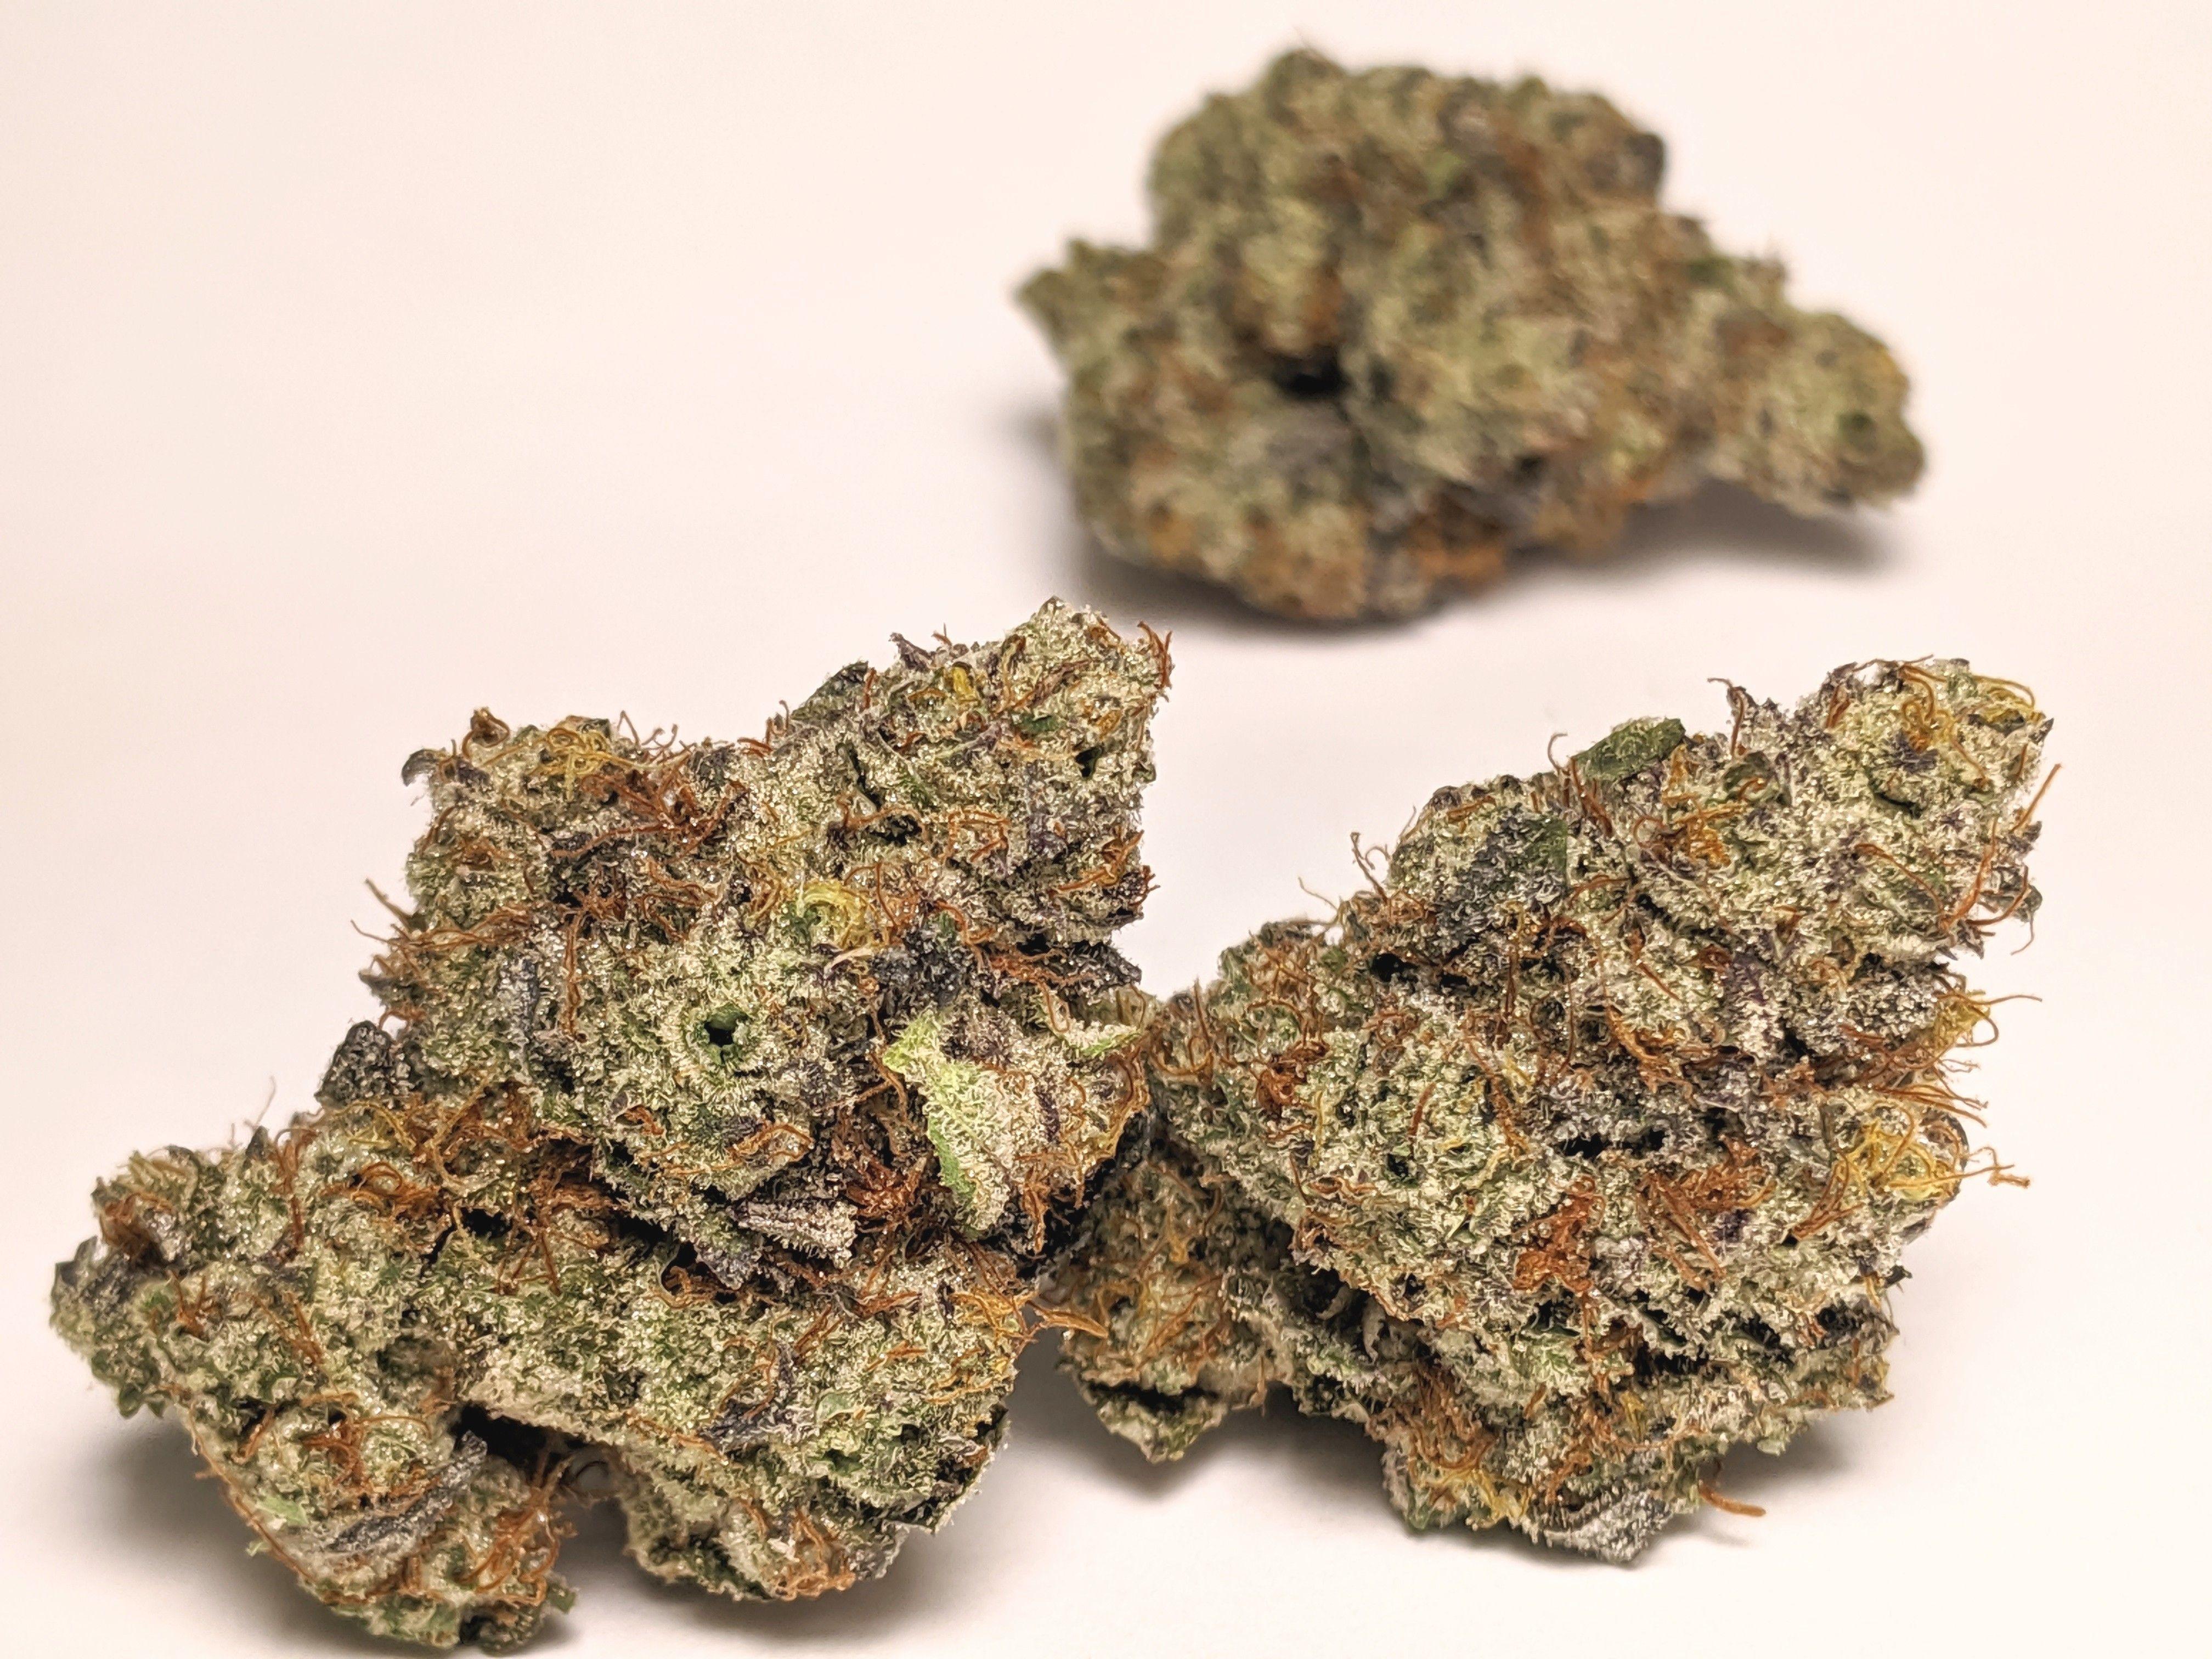 Deschutes Growery - Chem Cookies, Hybrid, Indoor